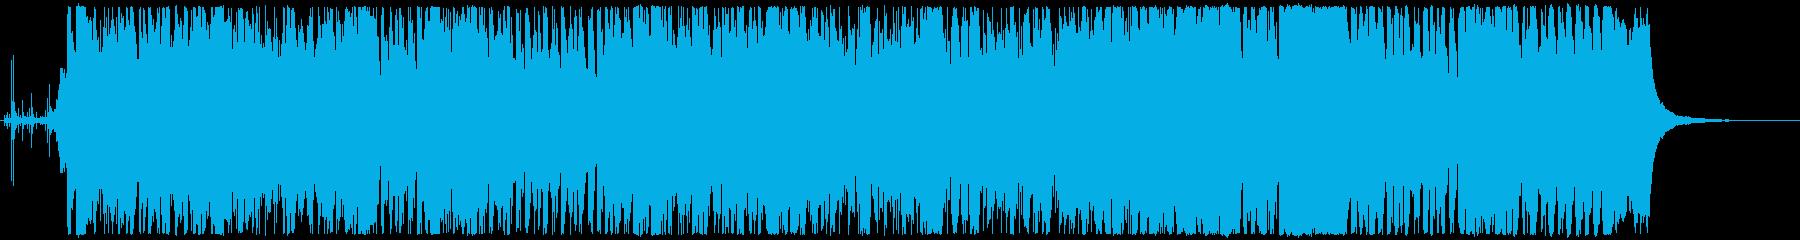 戦闘 追跡 逃走 緊迫した場面BGMの再生済みの波形